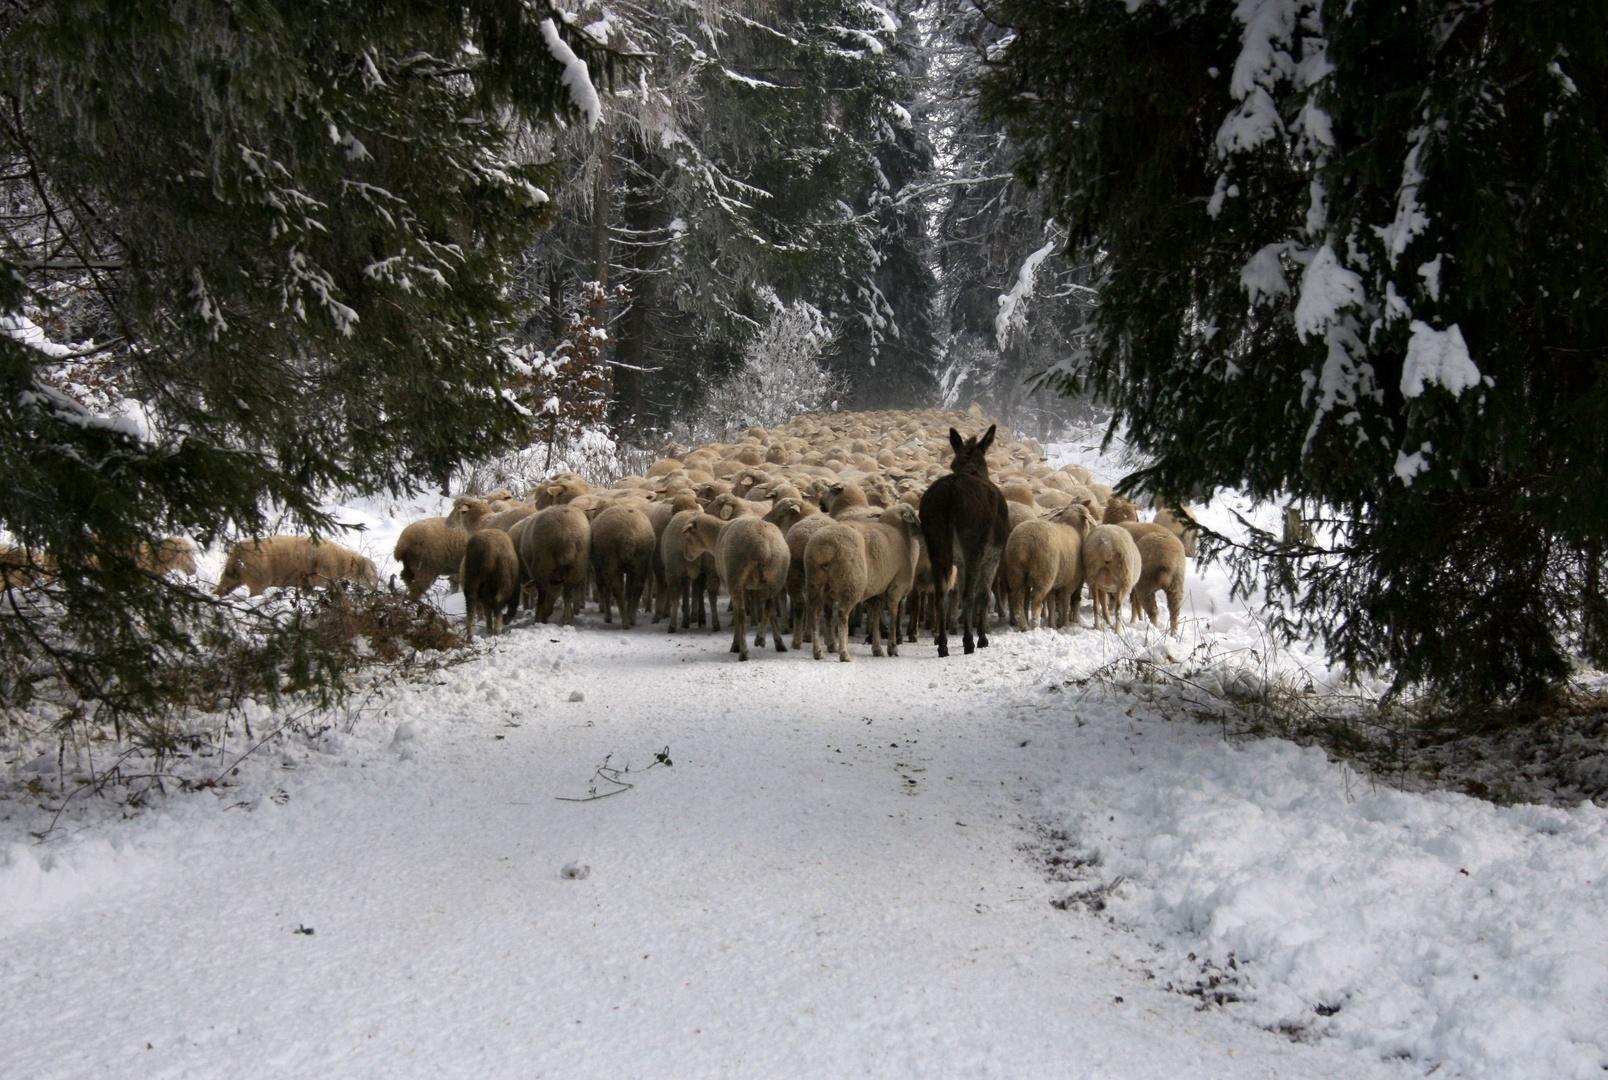 der Zug der Schafe